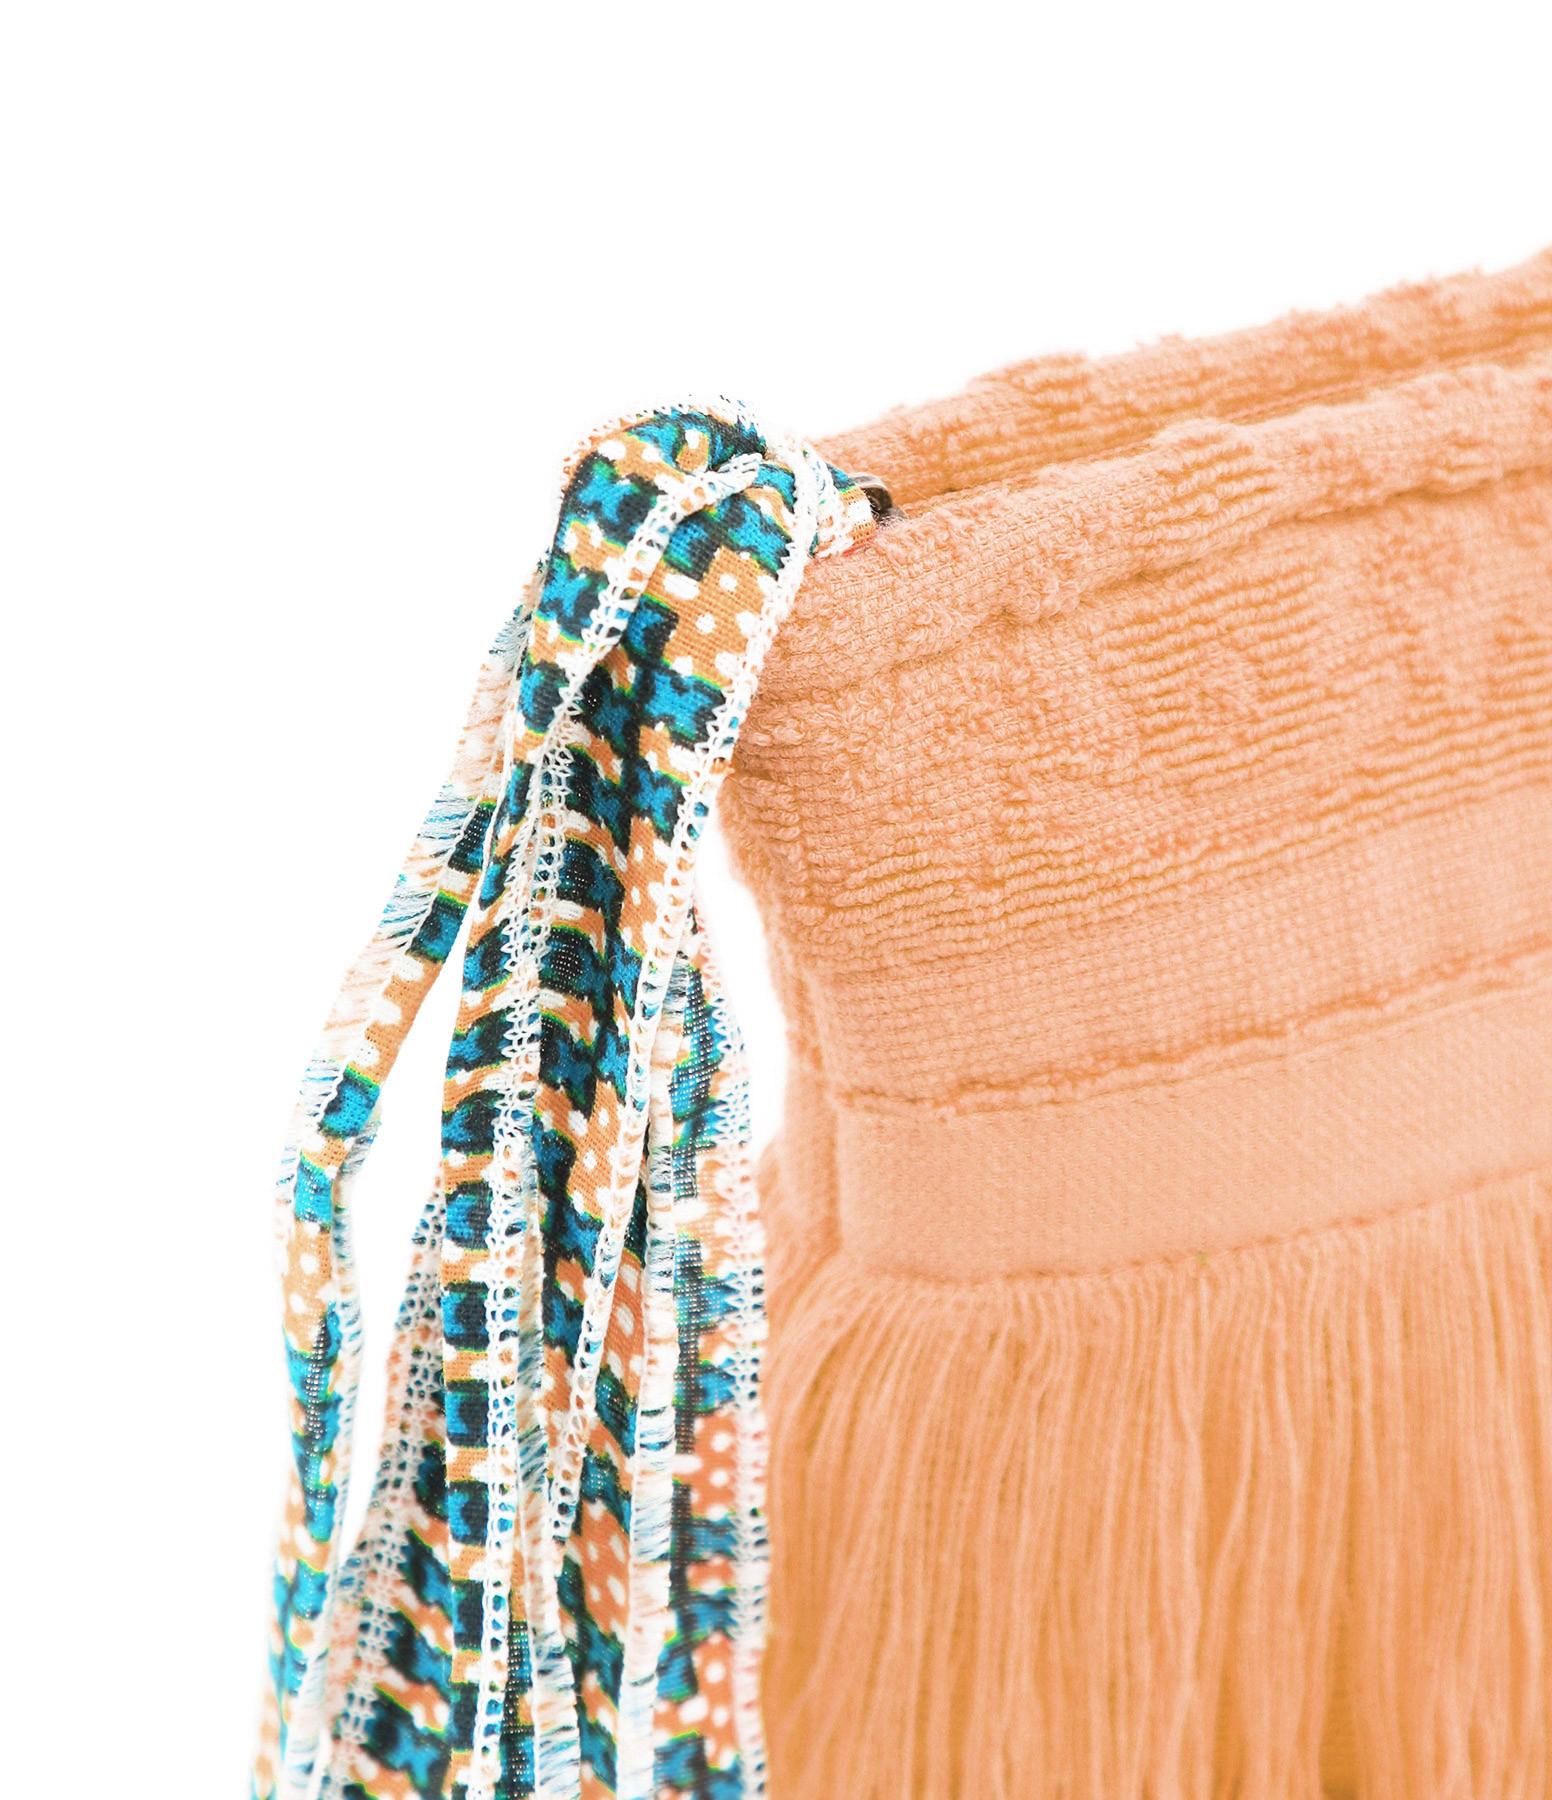 LALLA - Petite Trousse Walakin Hippie Éponge Pêche